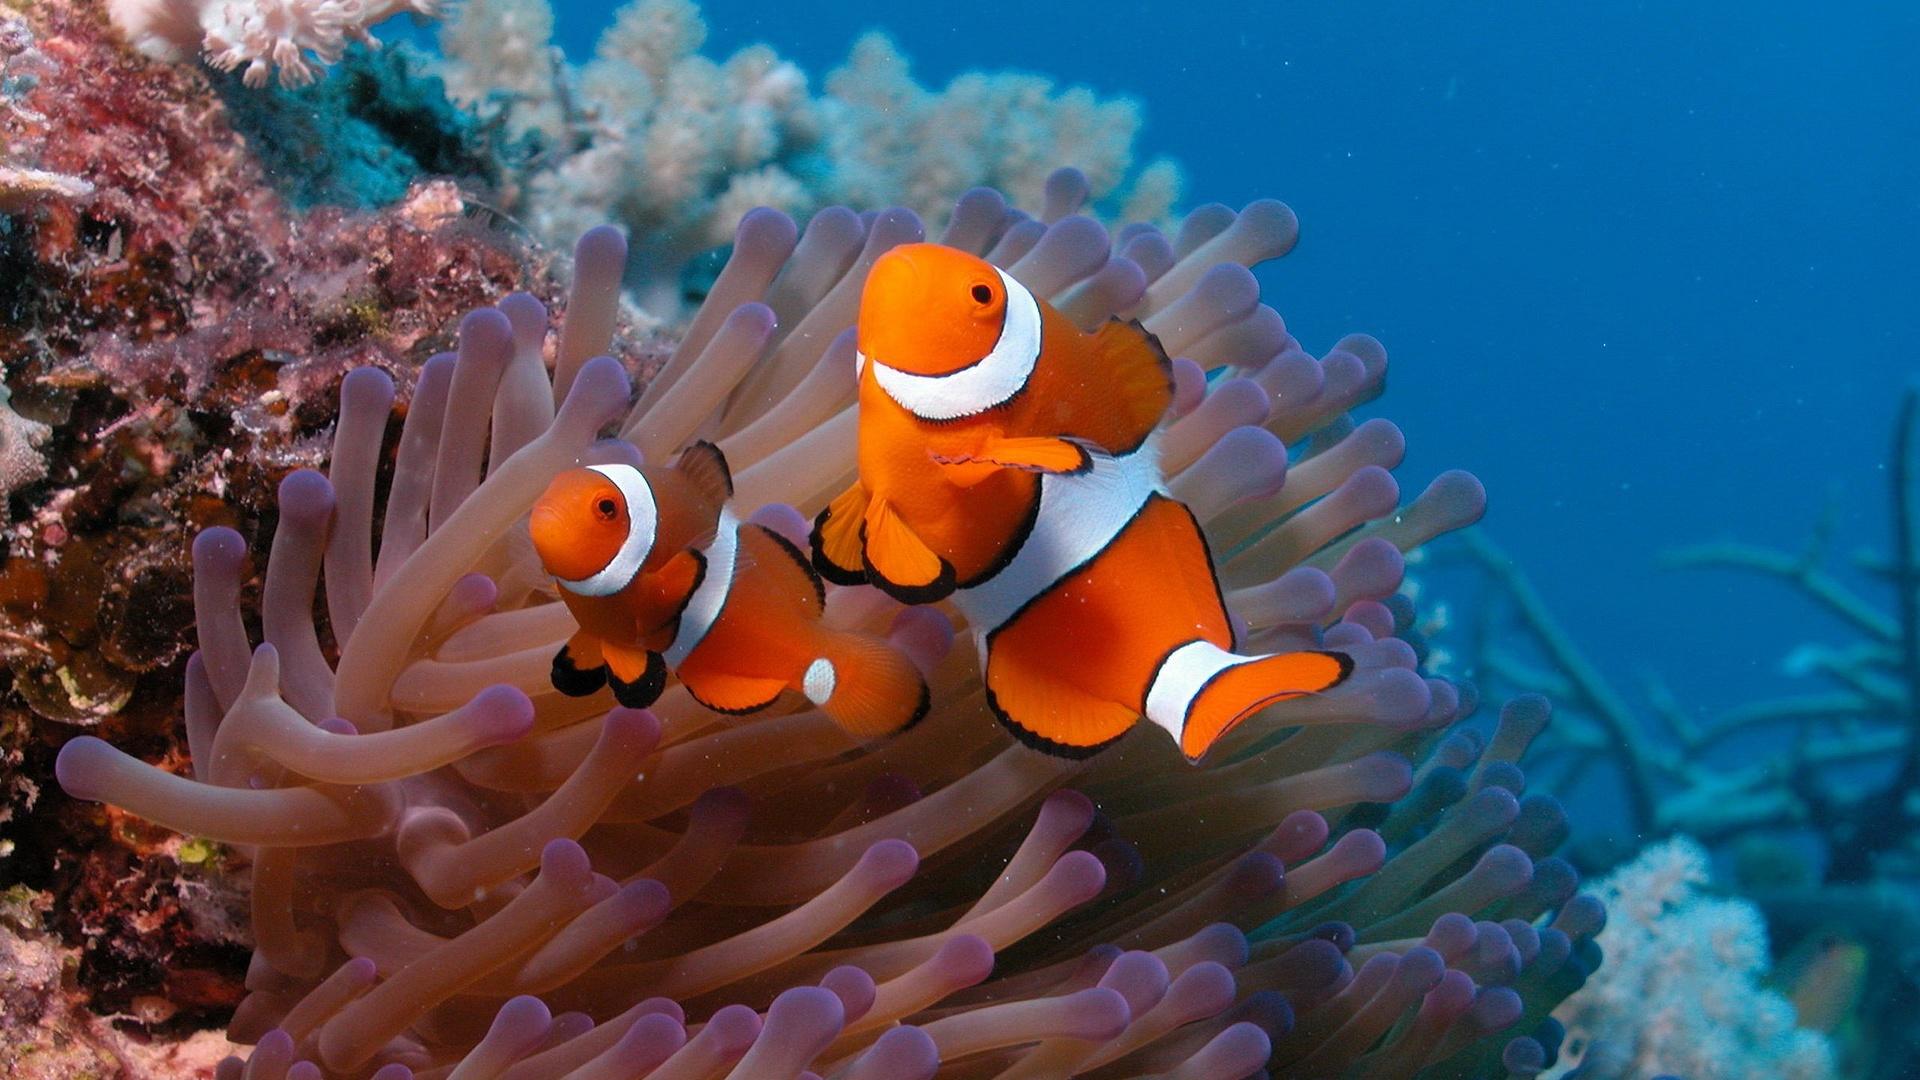 pesci pagliaccio sfondo desktop hd wallpaper two clownfish 1920x1080 1920x1080